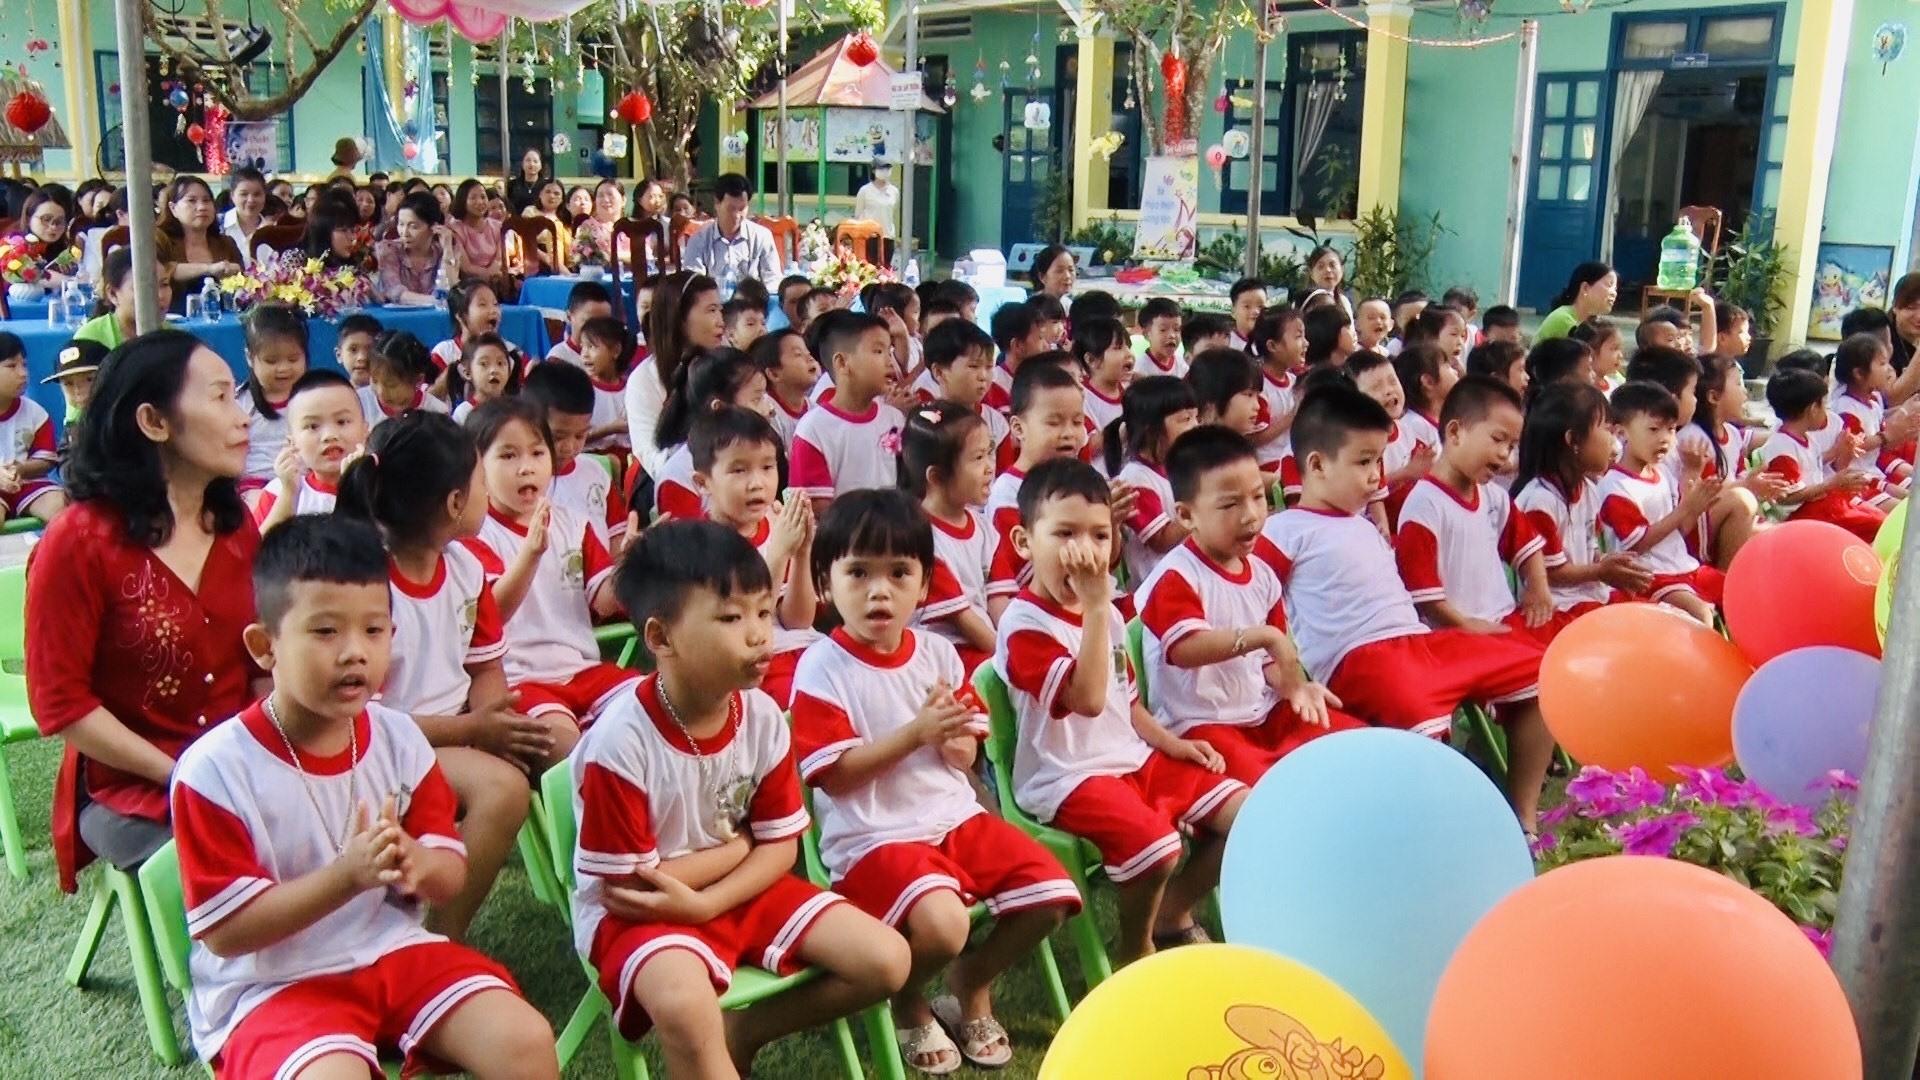 Bằng nhiều hình thức đa dạng, sáng tạo, các trường mầm non đã xây dựng hiệu quả môi trường giáo dục lấy trẻ làm trung tâm. Ảnh: TÂM LÊ